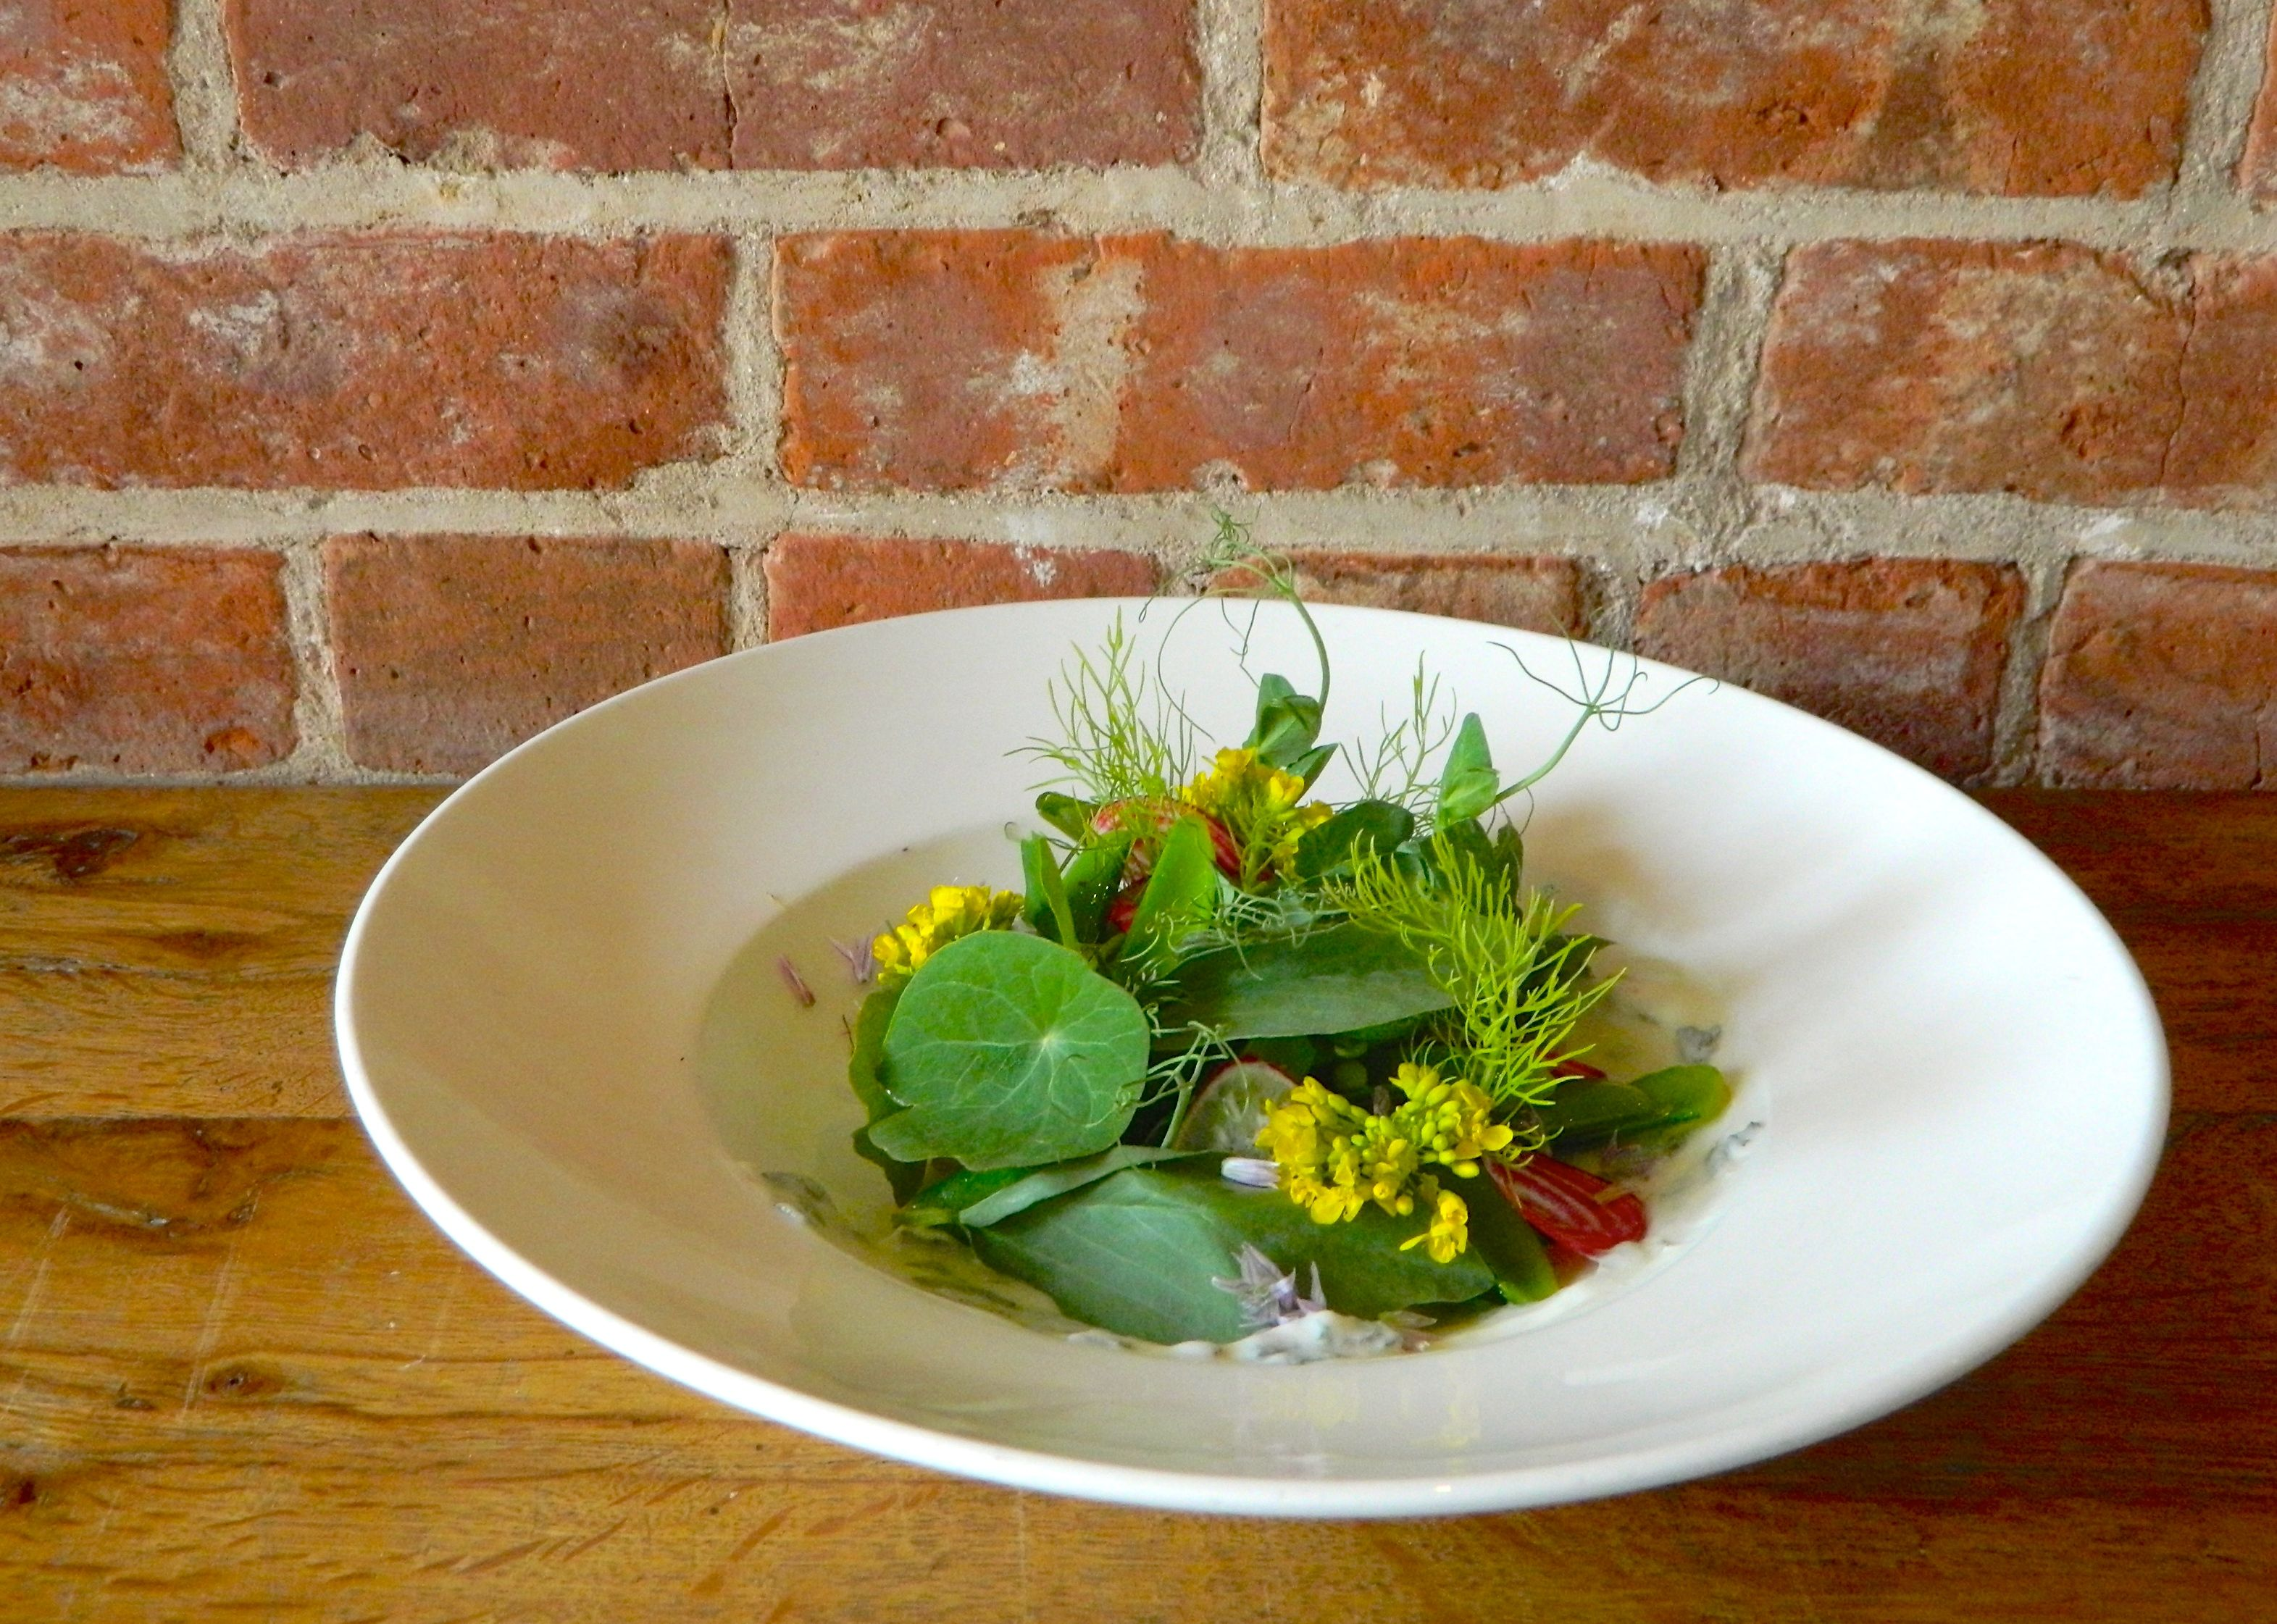 Colonie's salad uses ingredients you may have thrown away via Melissa Kravitz